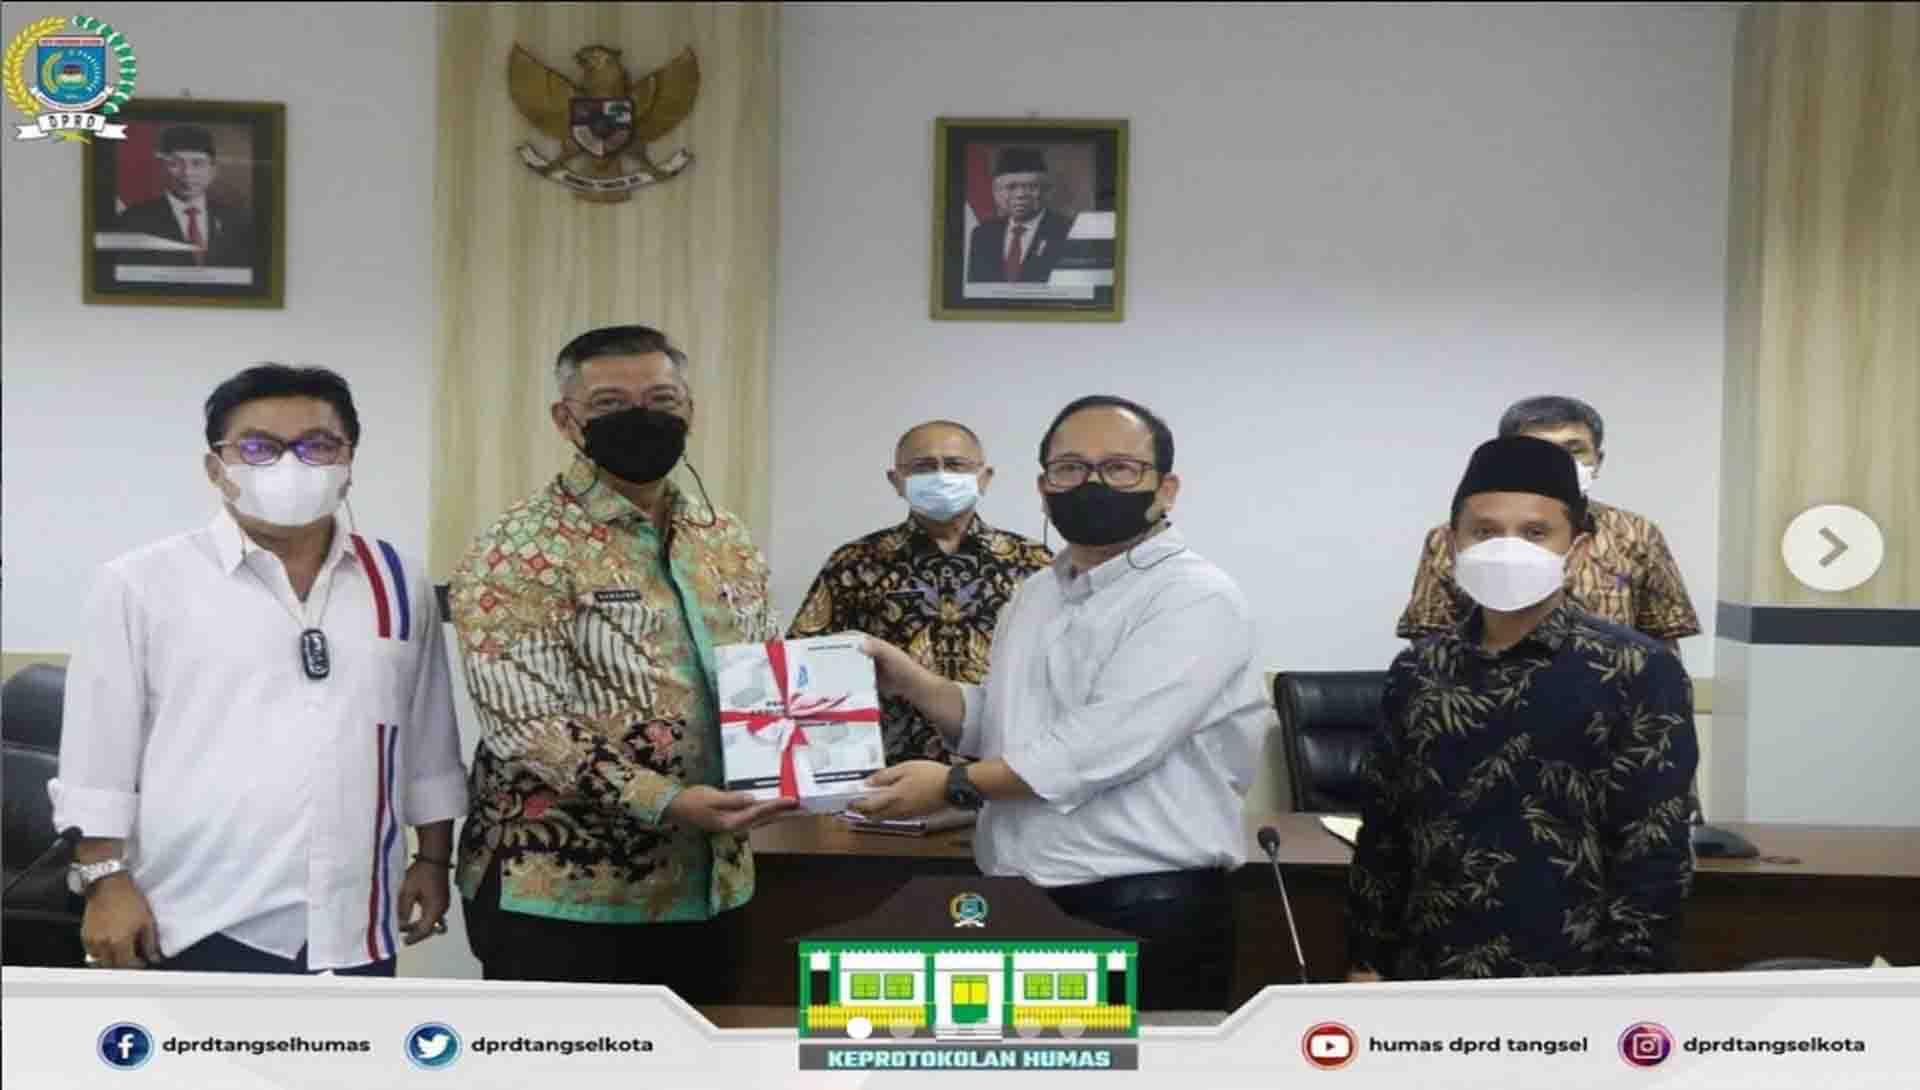 Badan Musyawarah DPRD Tangsel Gelar 2 (dua) Agenda Rapat